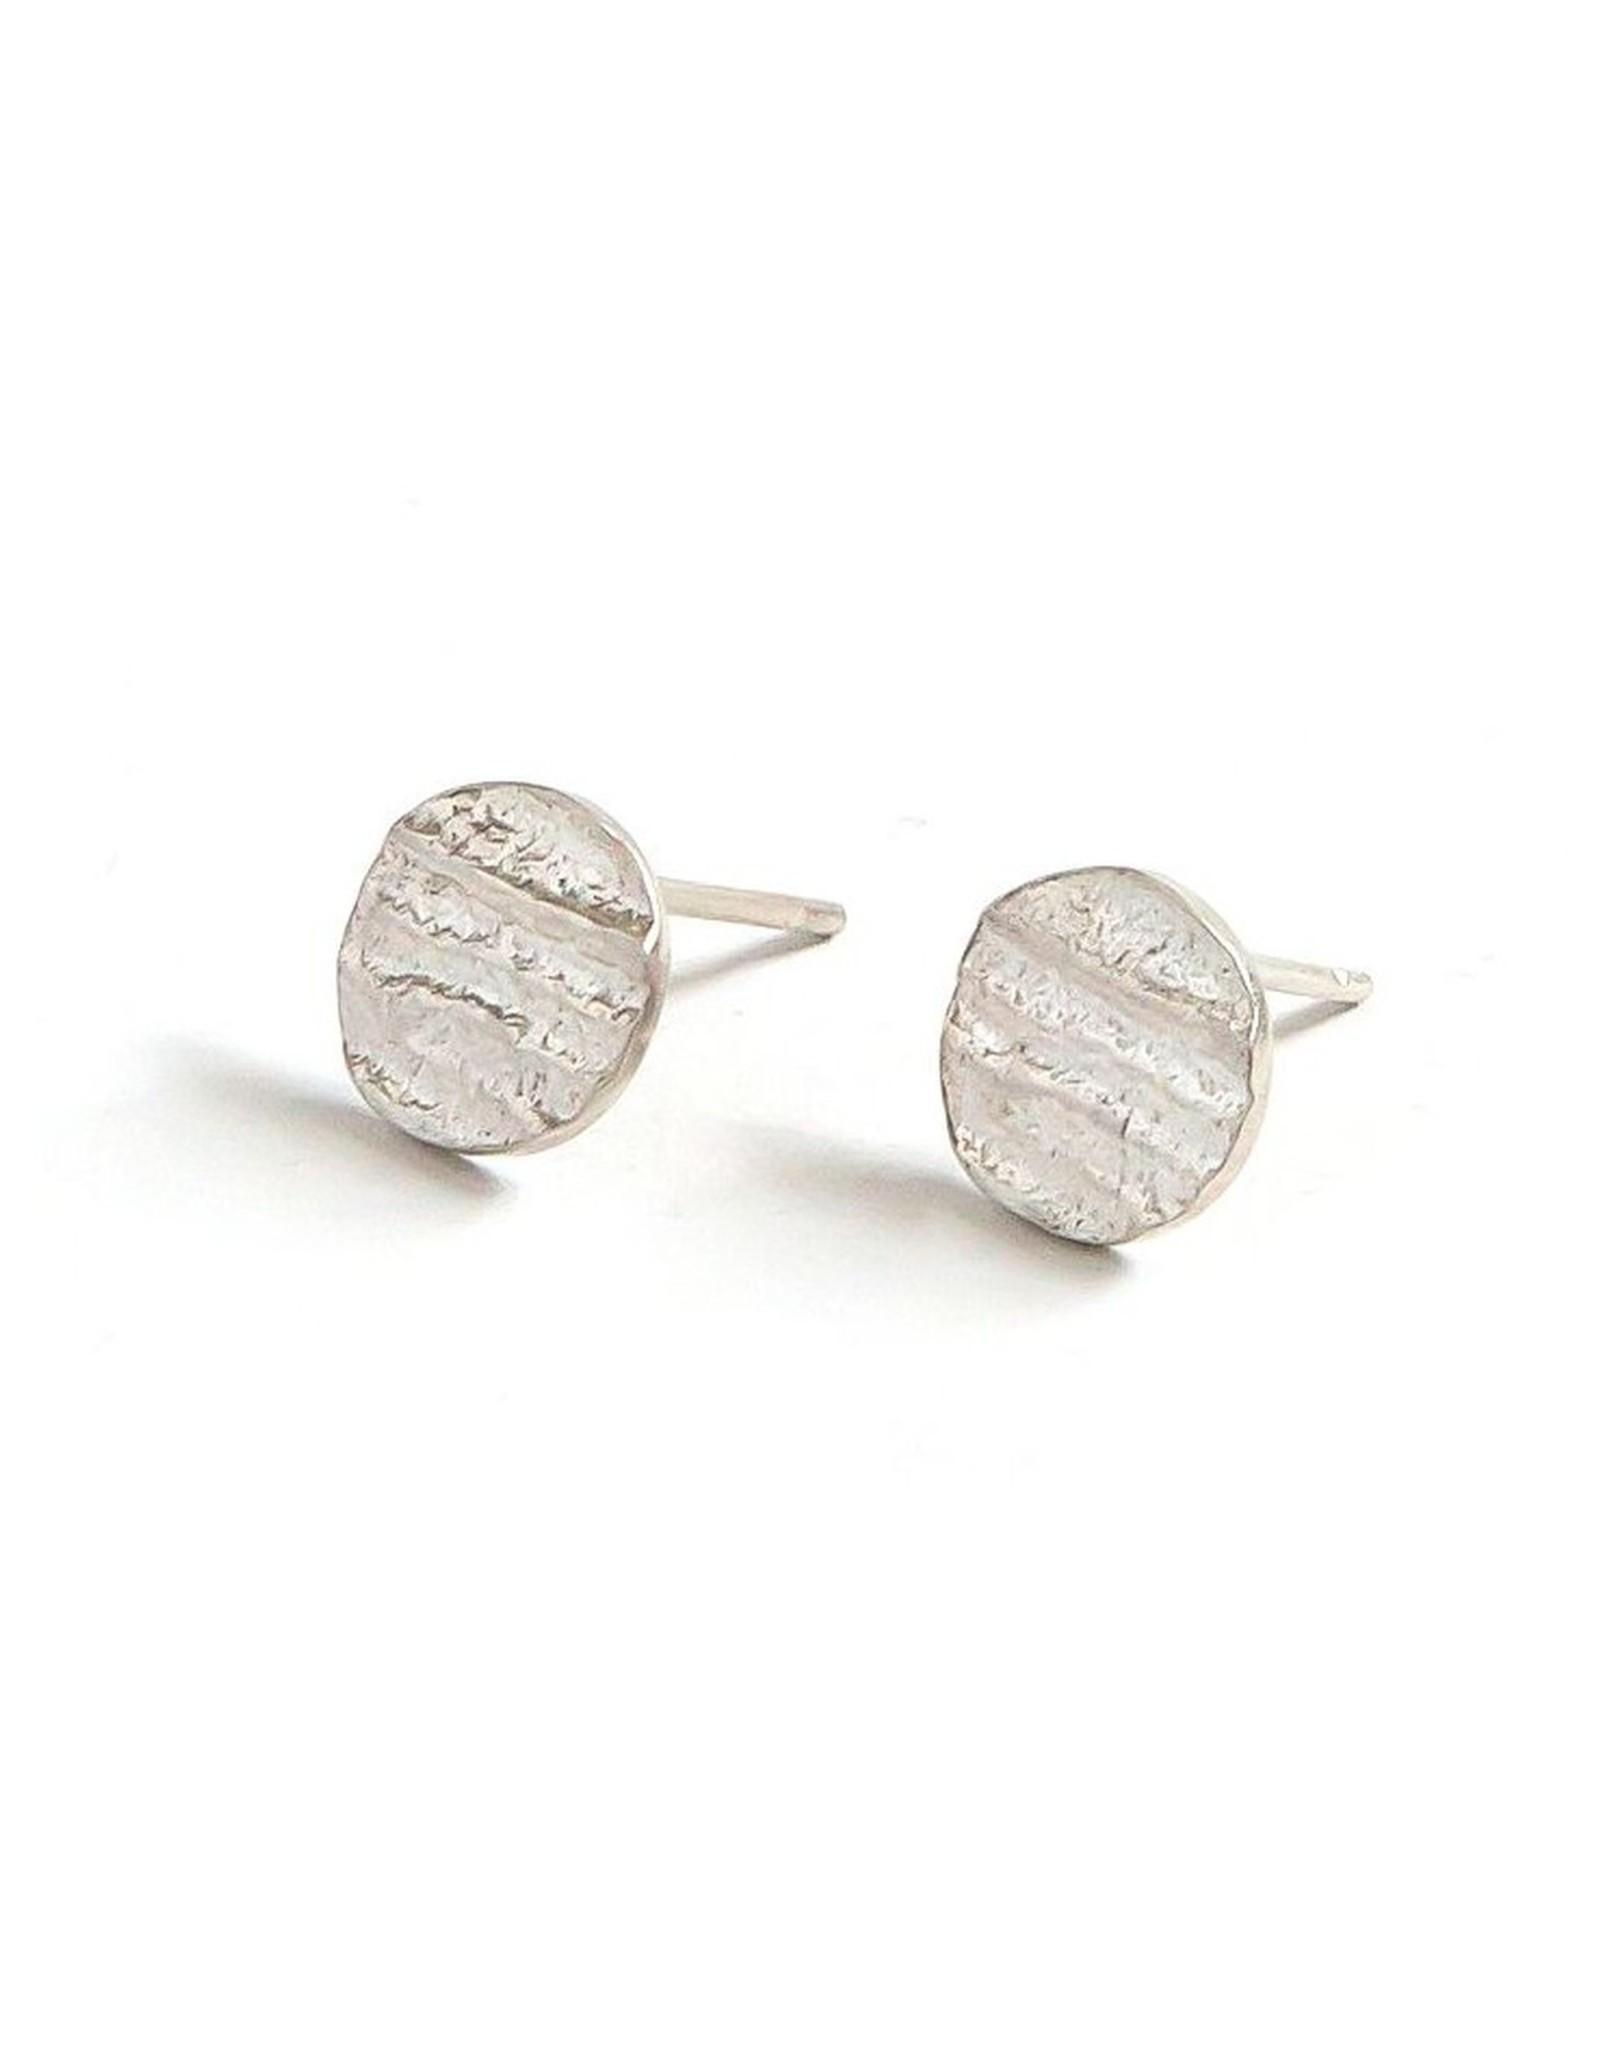 Sterling Silver Fossil Stud Earrings